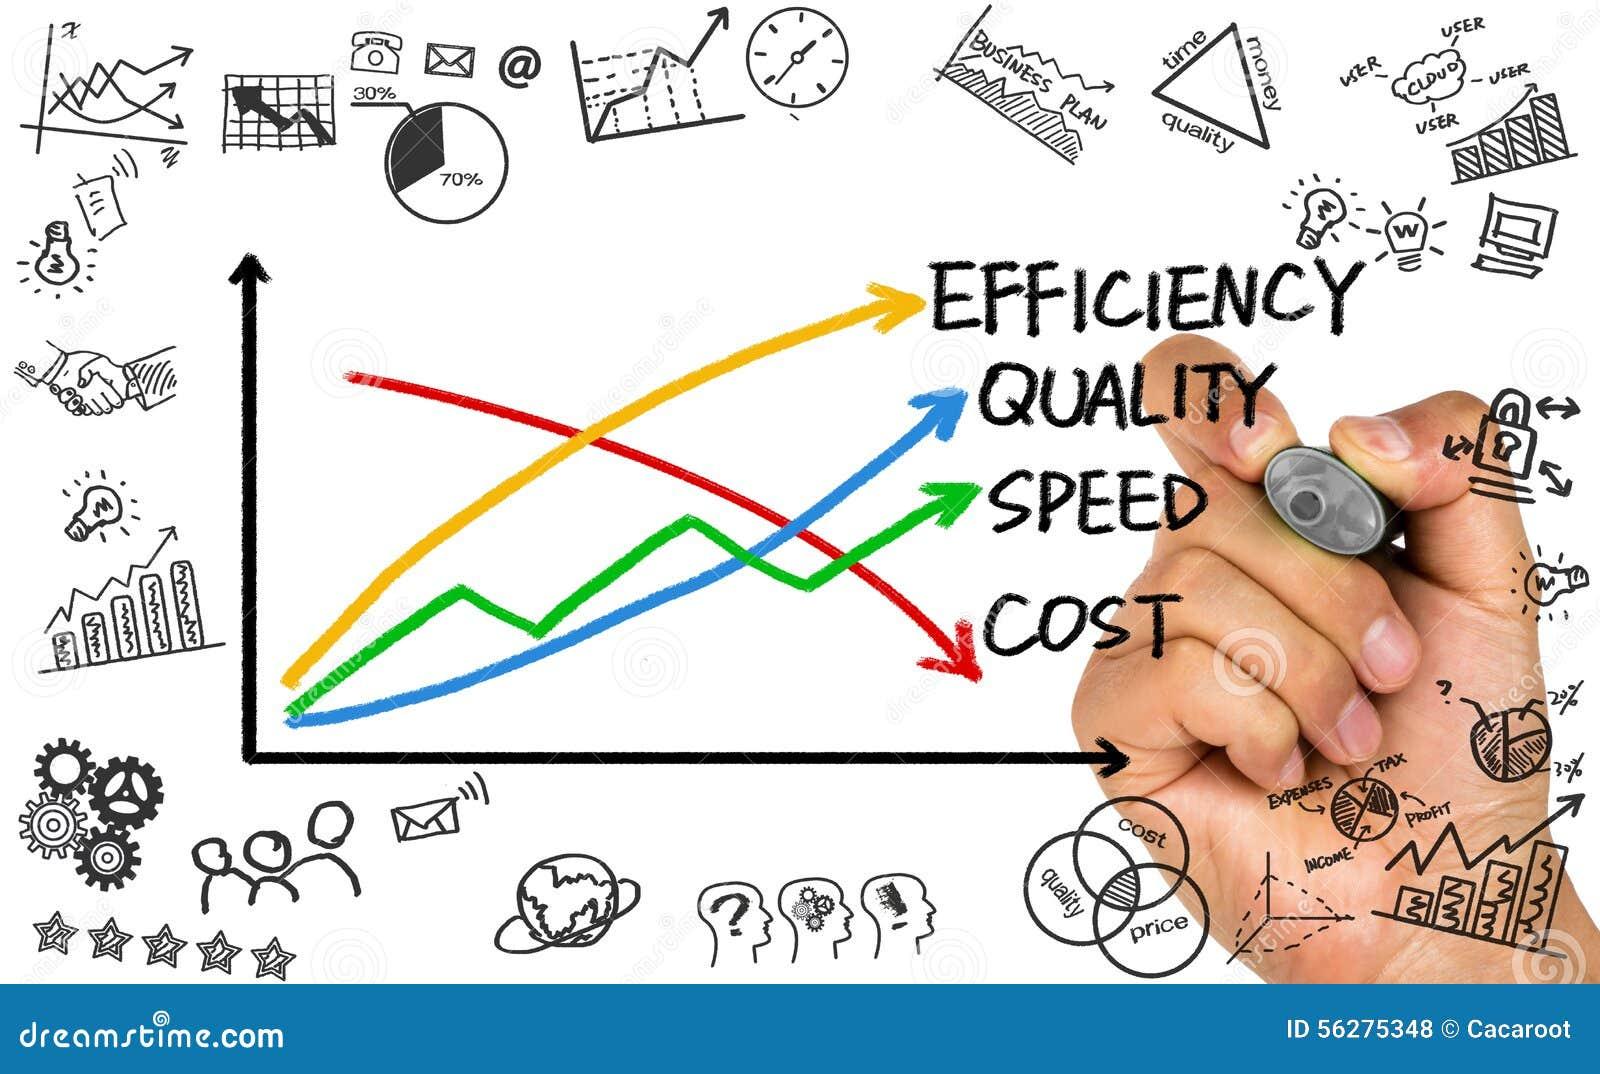 Affärsidé: kvalitet, hastighet, effektivitet och kostnad